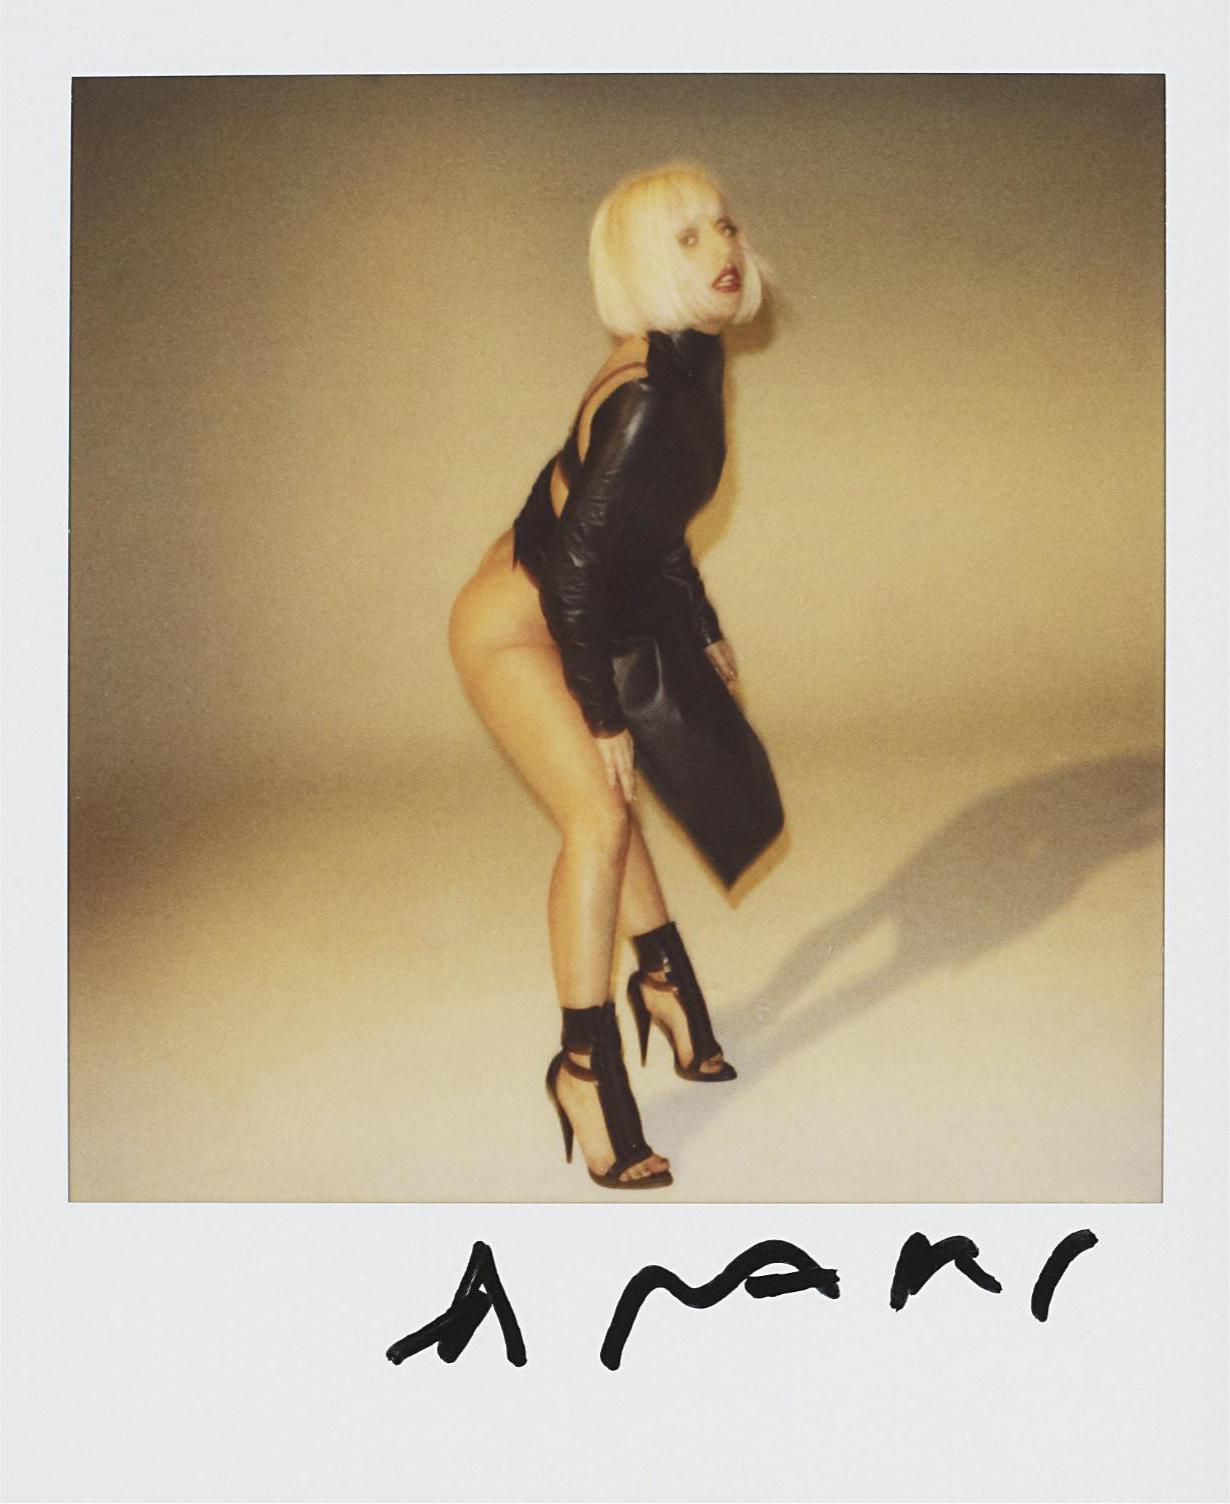 Nobuyoshi_Araki_Polaroid_8-lady-gaga-nude